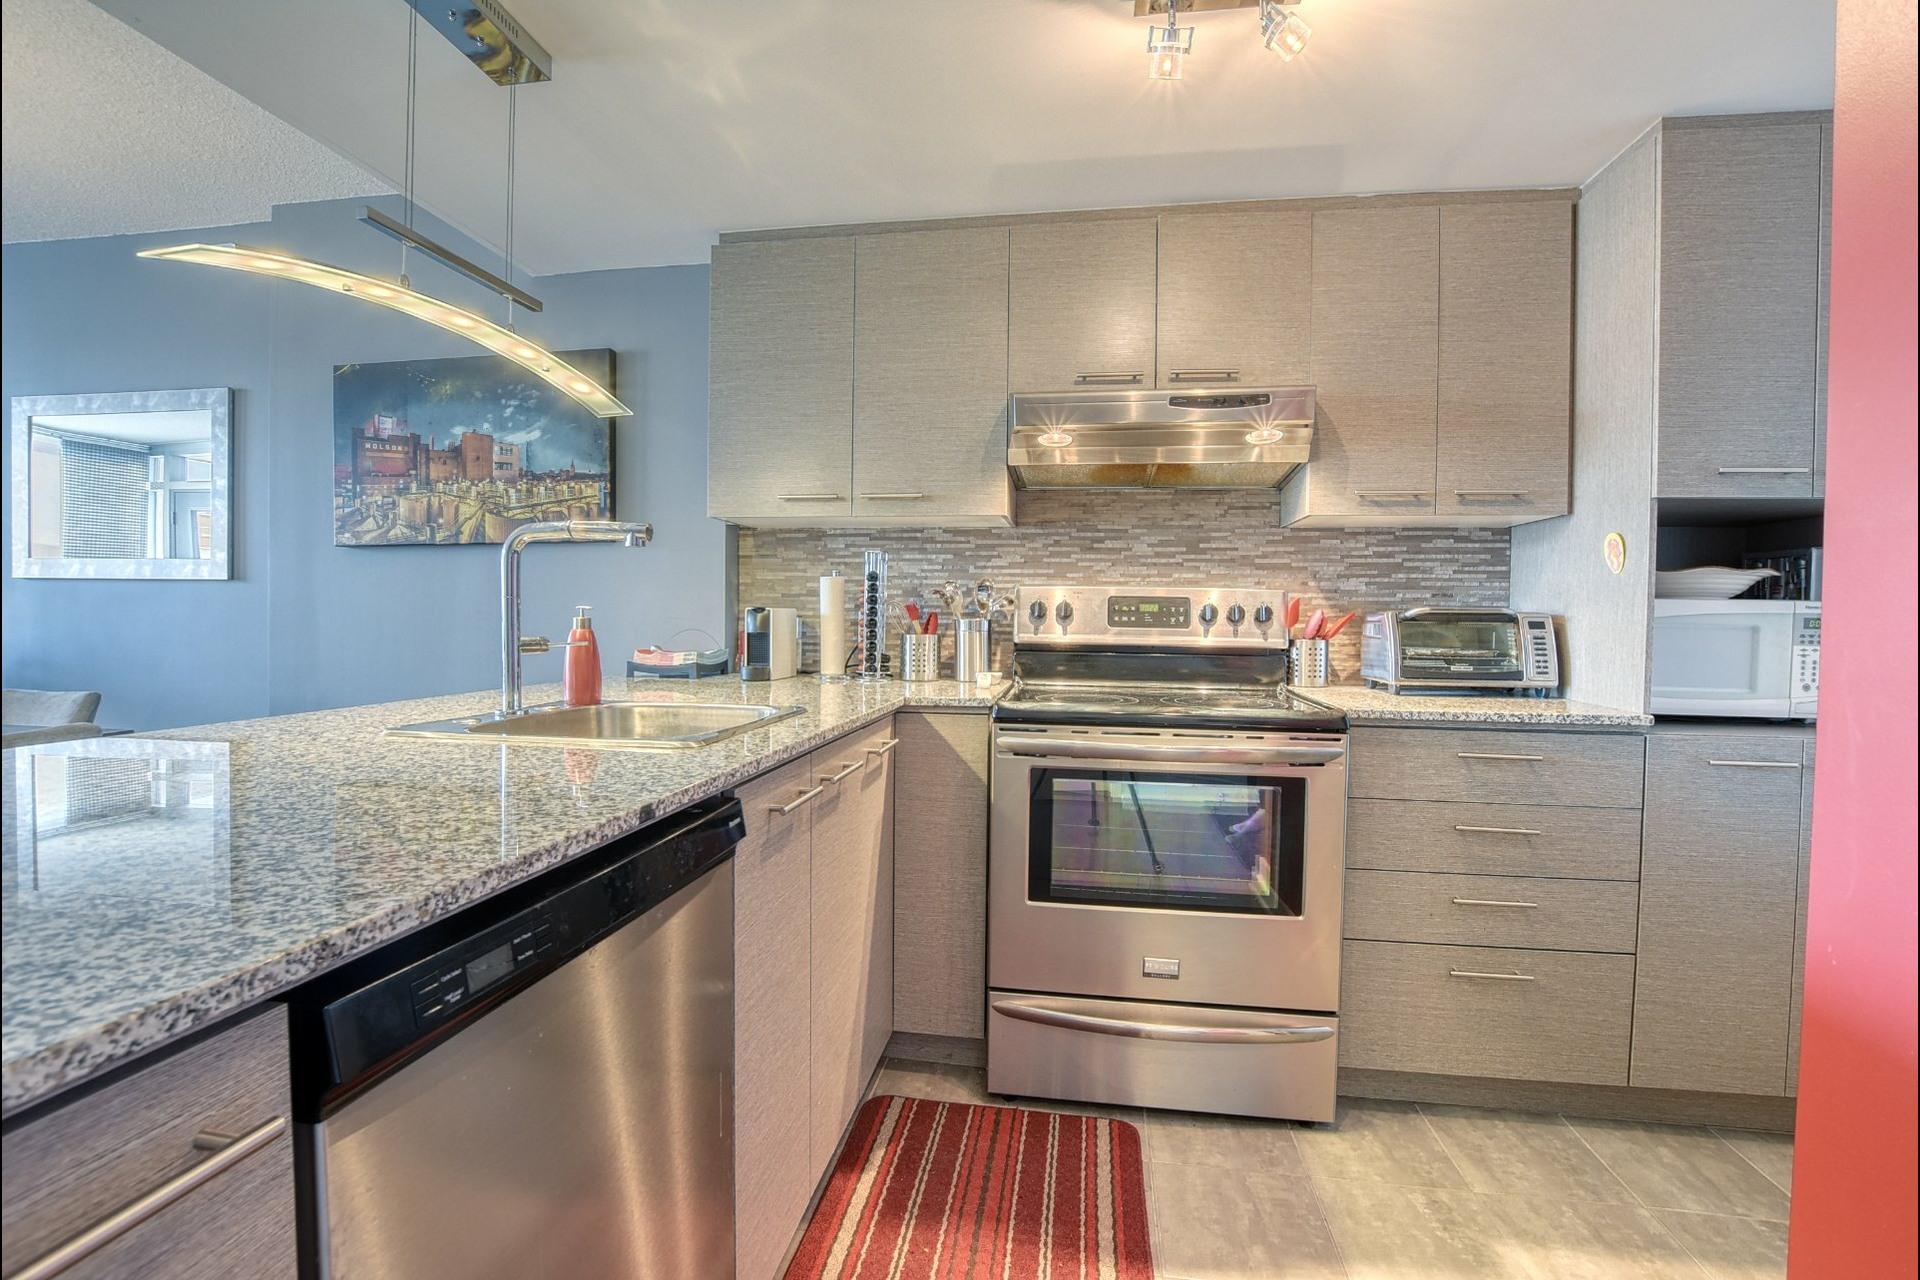 image 6 - Appartement À vendre Ahuntsic-Cartierville Montréal  - 4 pièces